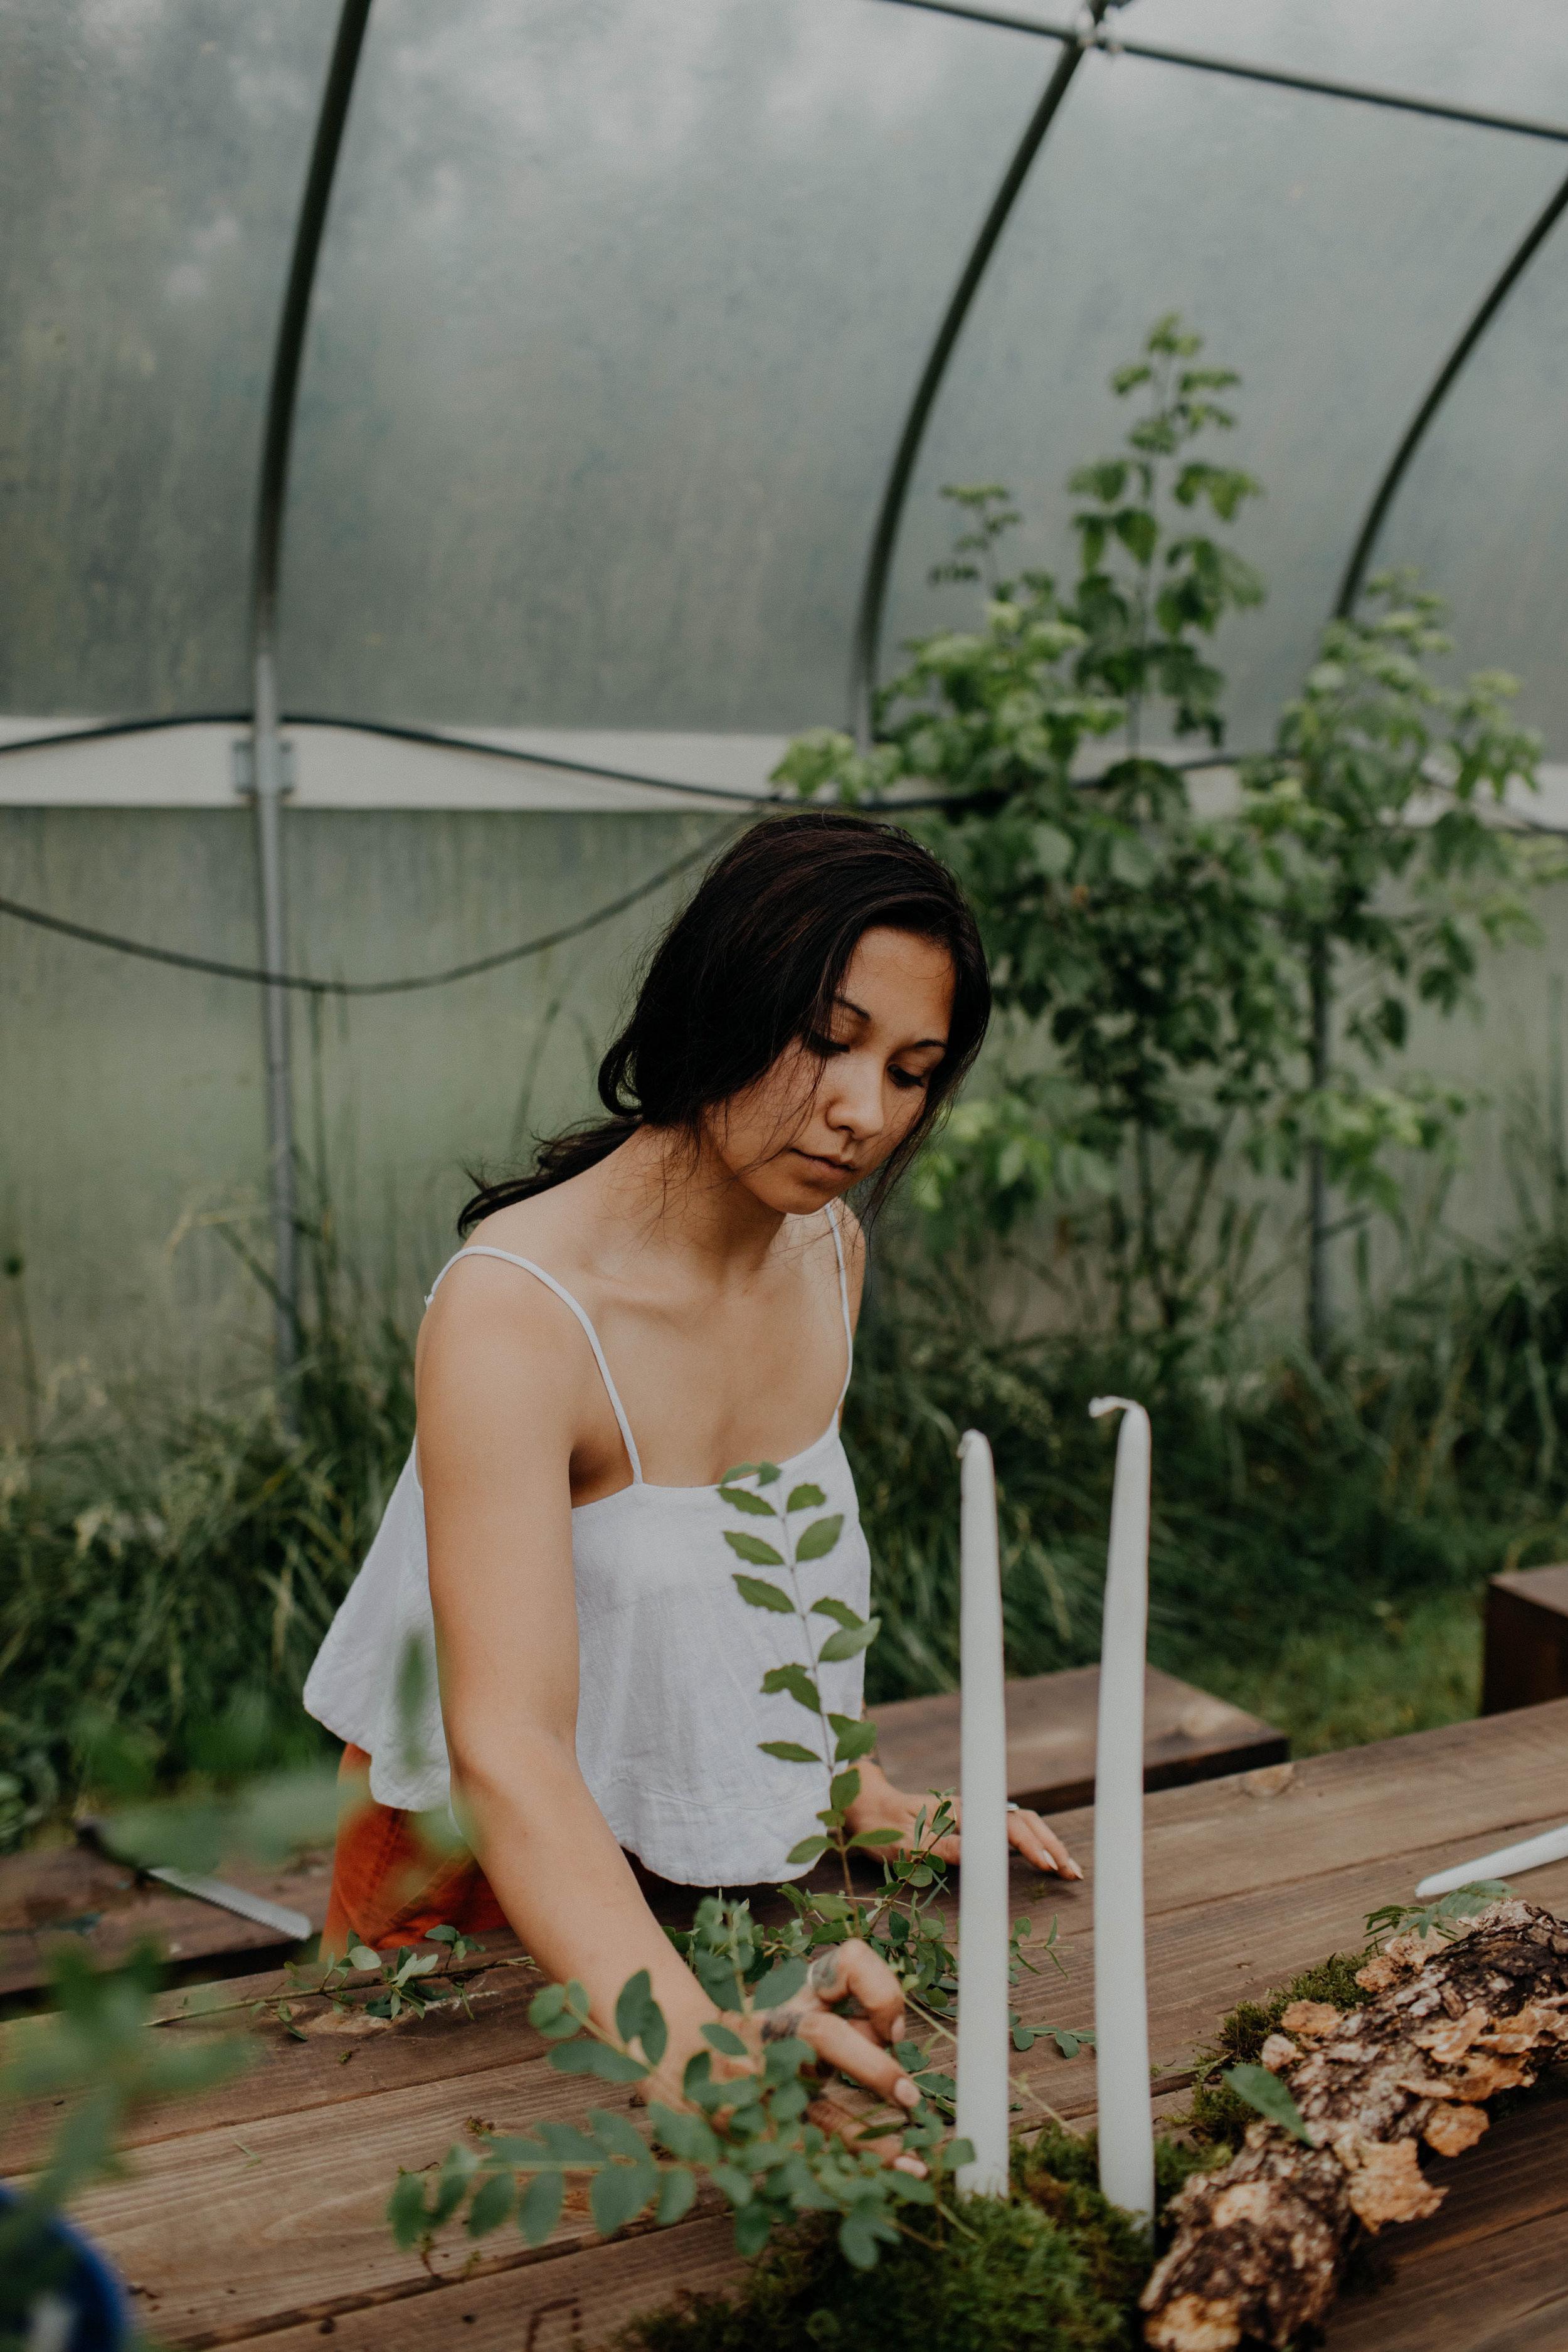 nashville floral workshop nashville tennessee wedding photographer117.jpg